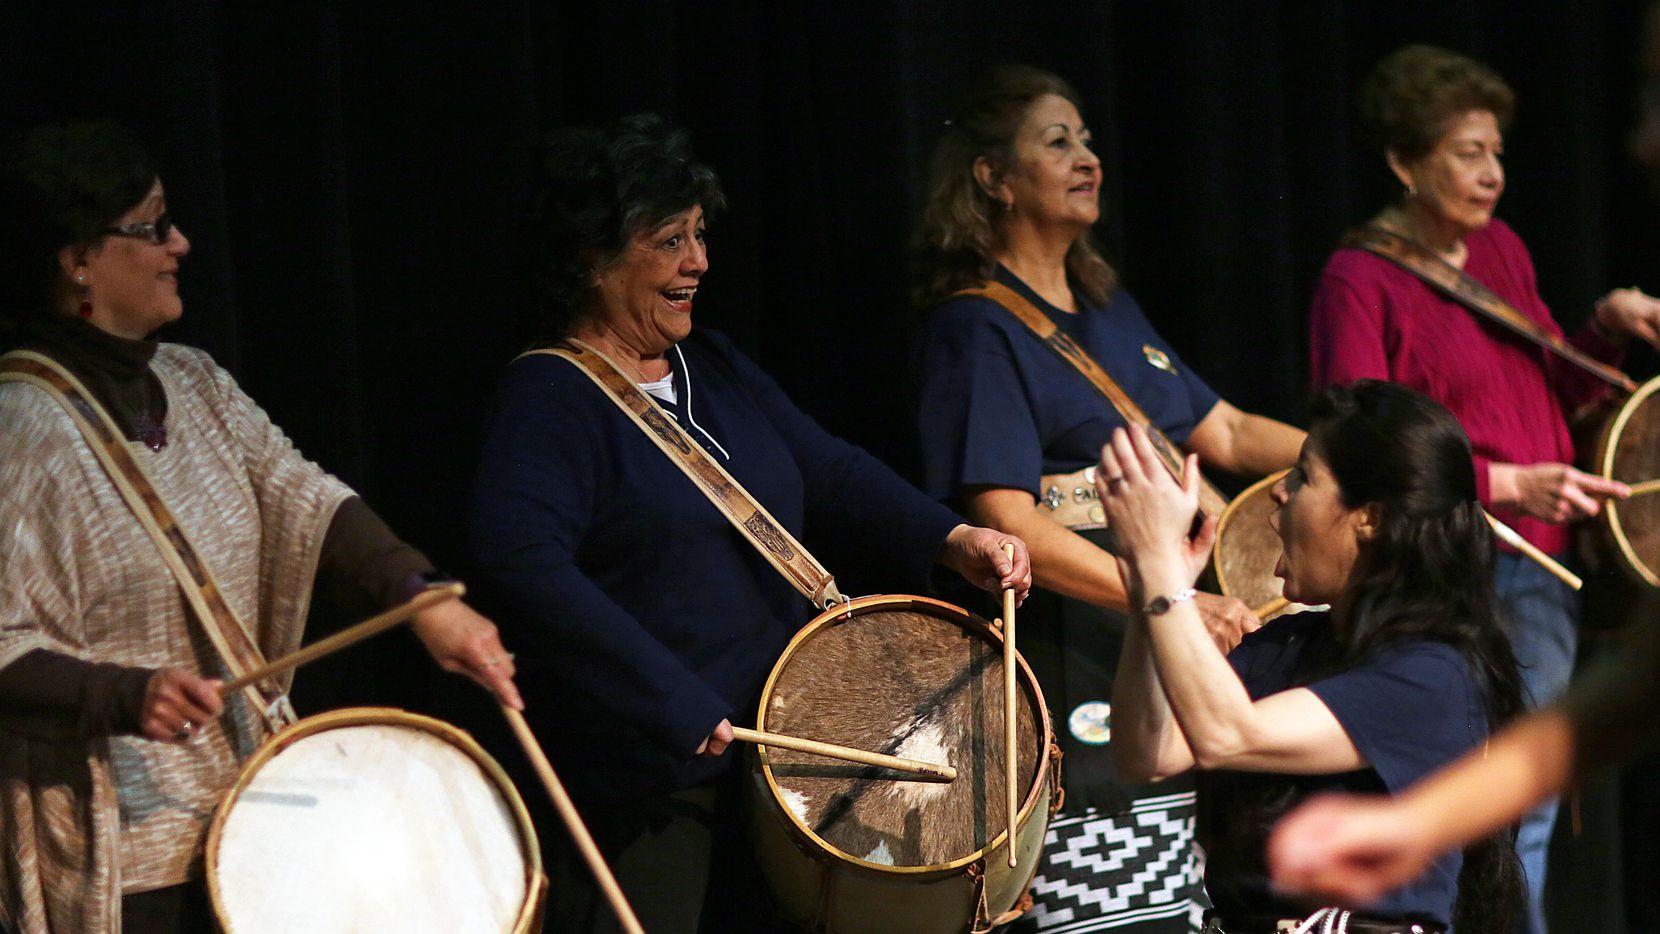 La Percusion En El Folklore Argentino By Domingo Cura On Amazon